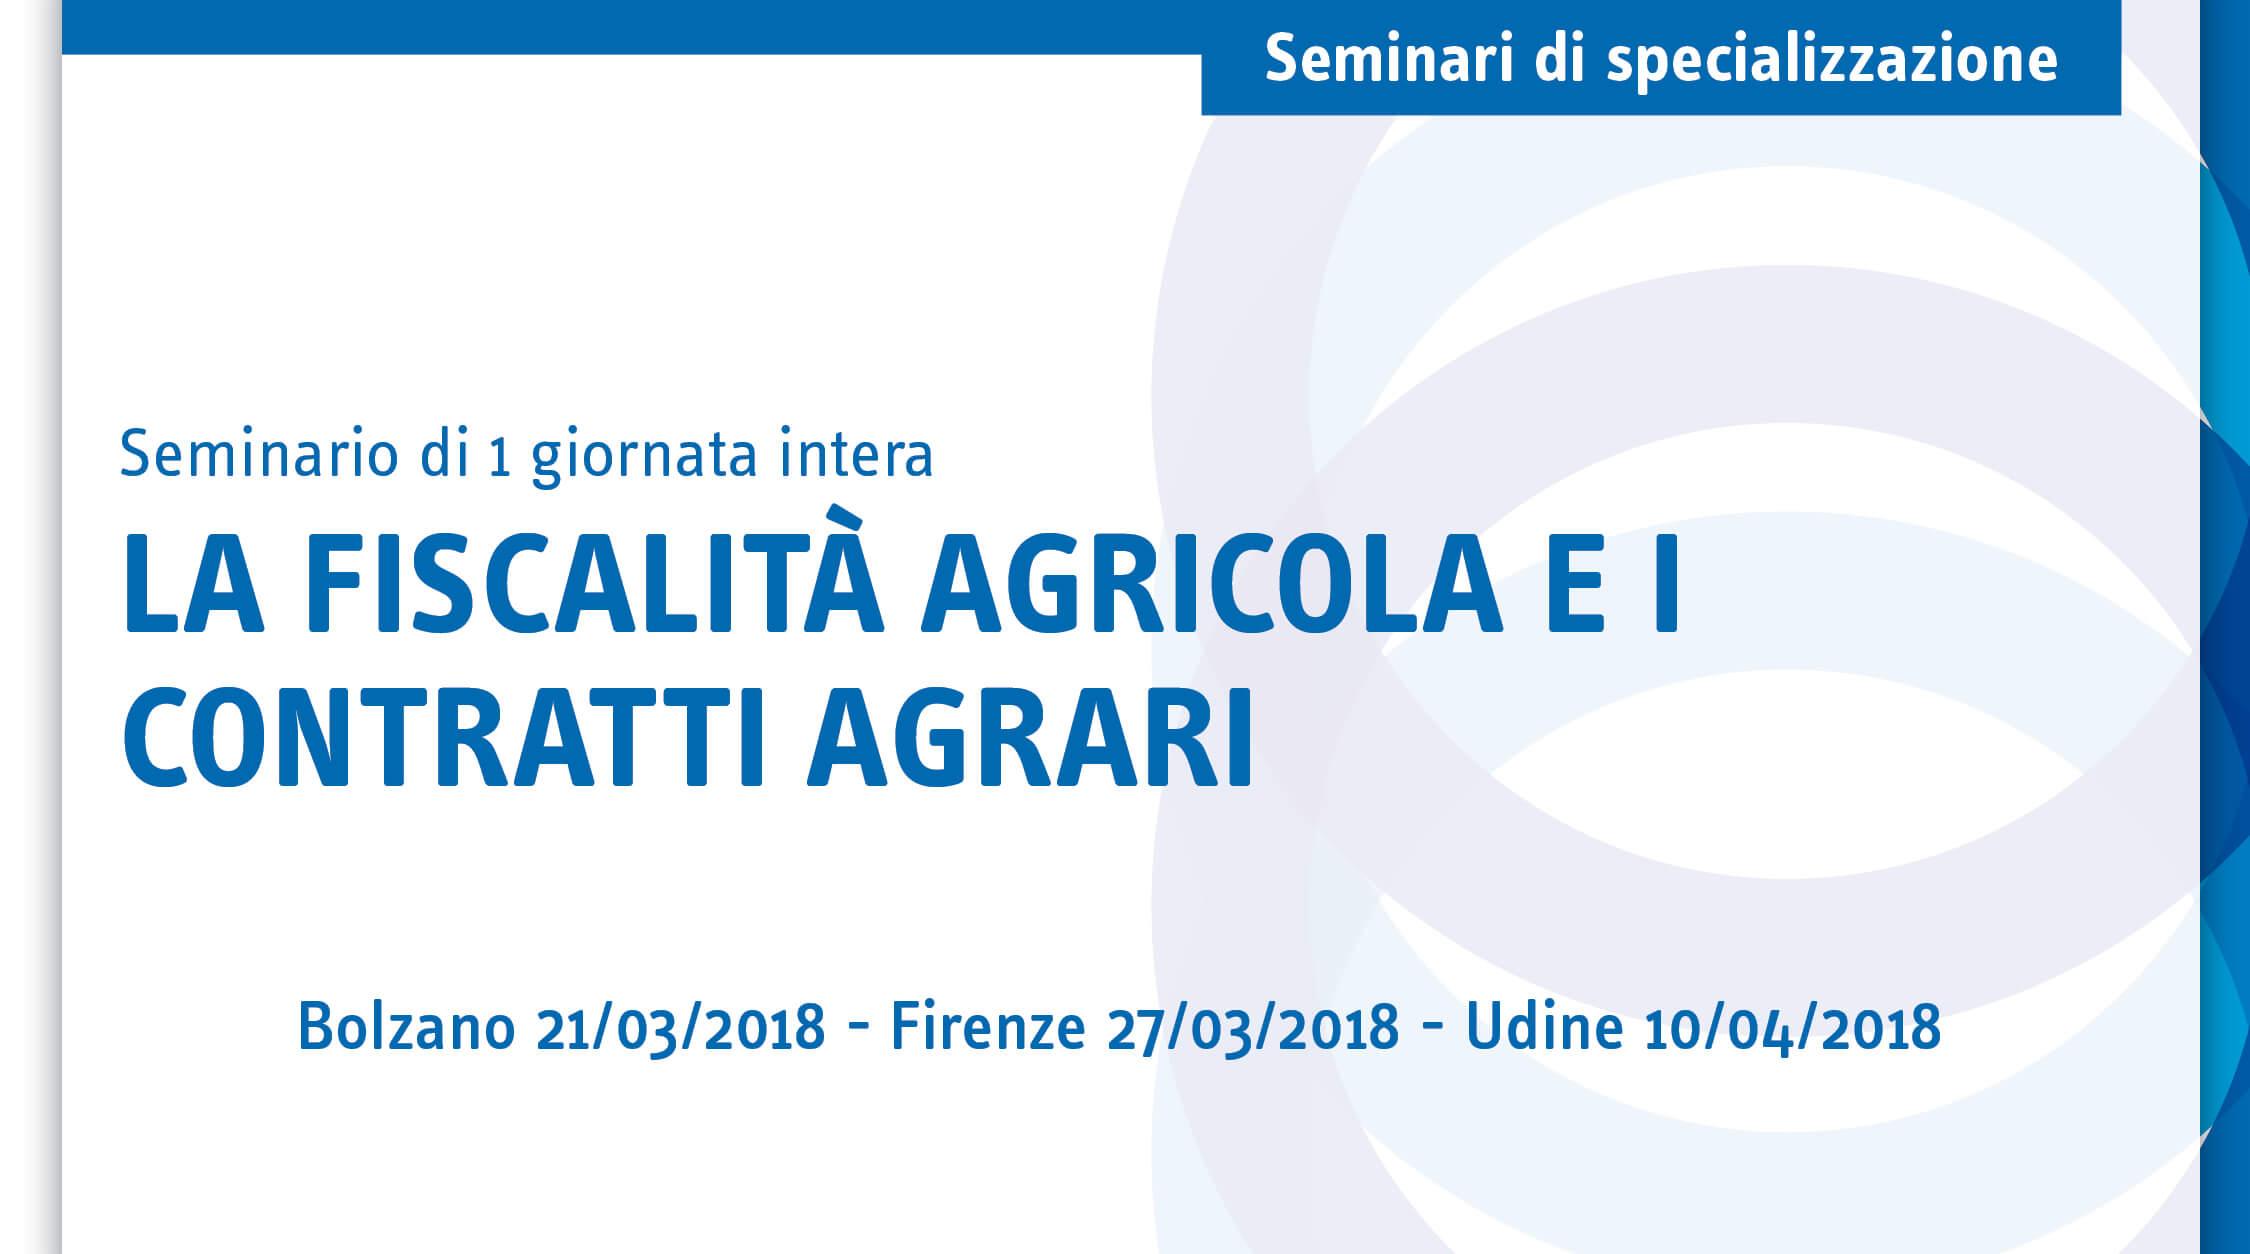 La fiscalità agricola e i contratti agrari